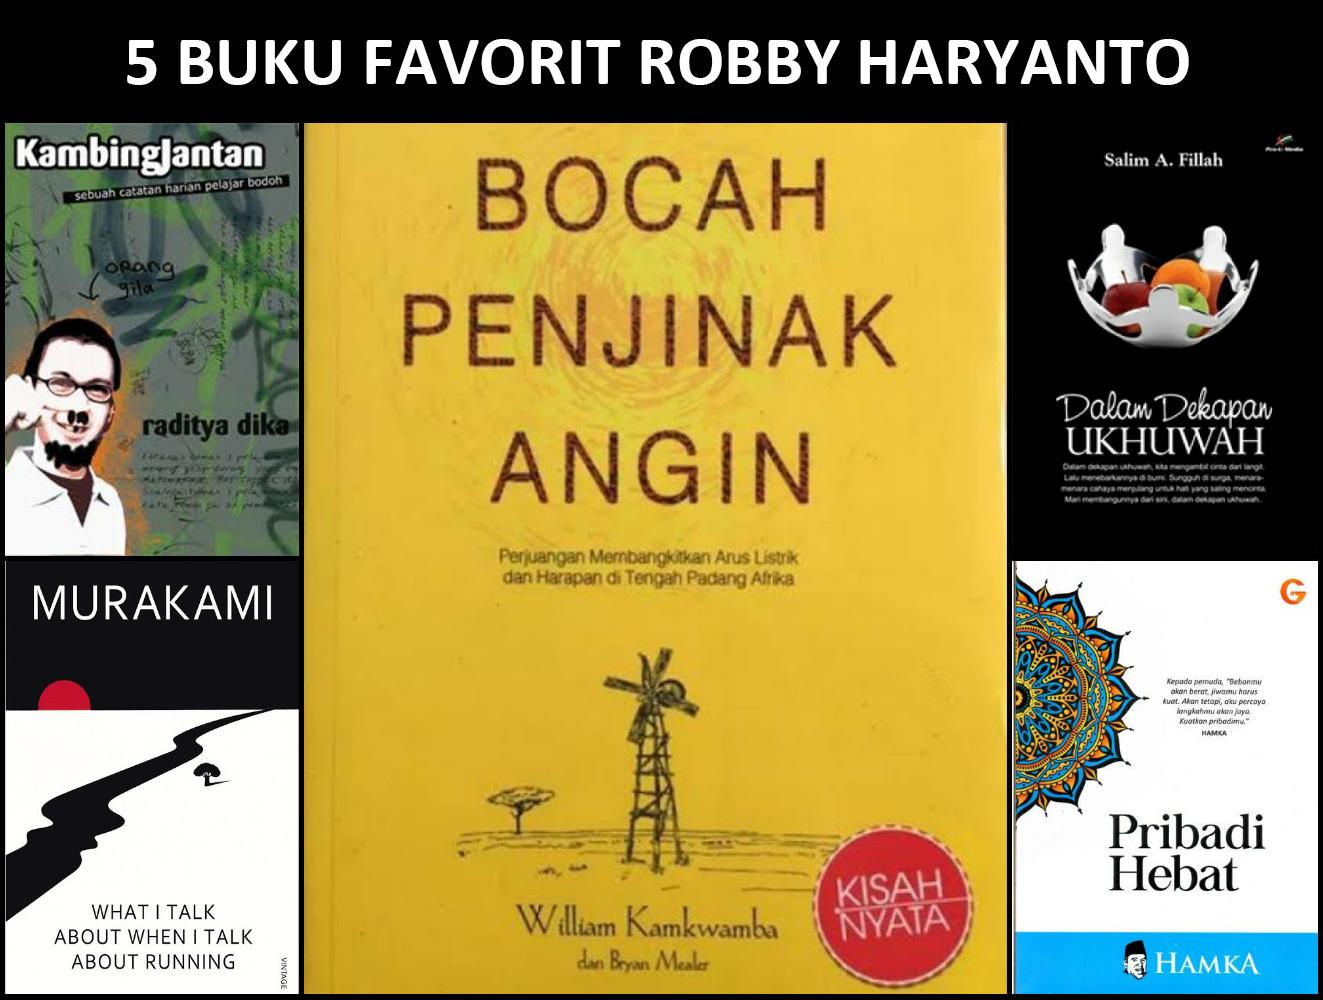 Nasib Tukang Baca dan Konsekuensi Peminjam Buku (Bersama Robby Haryanto)